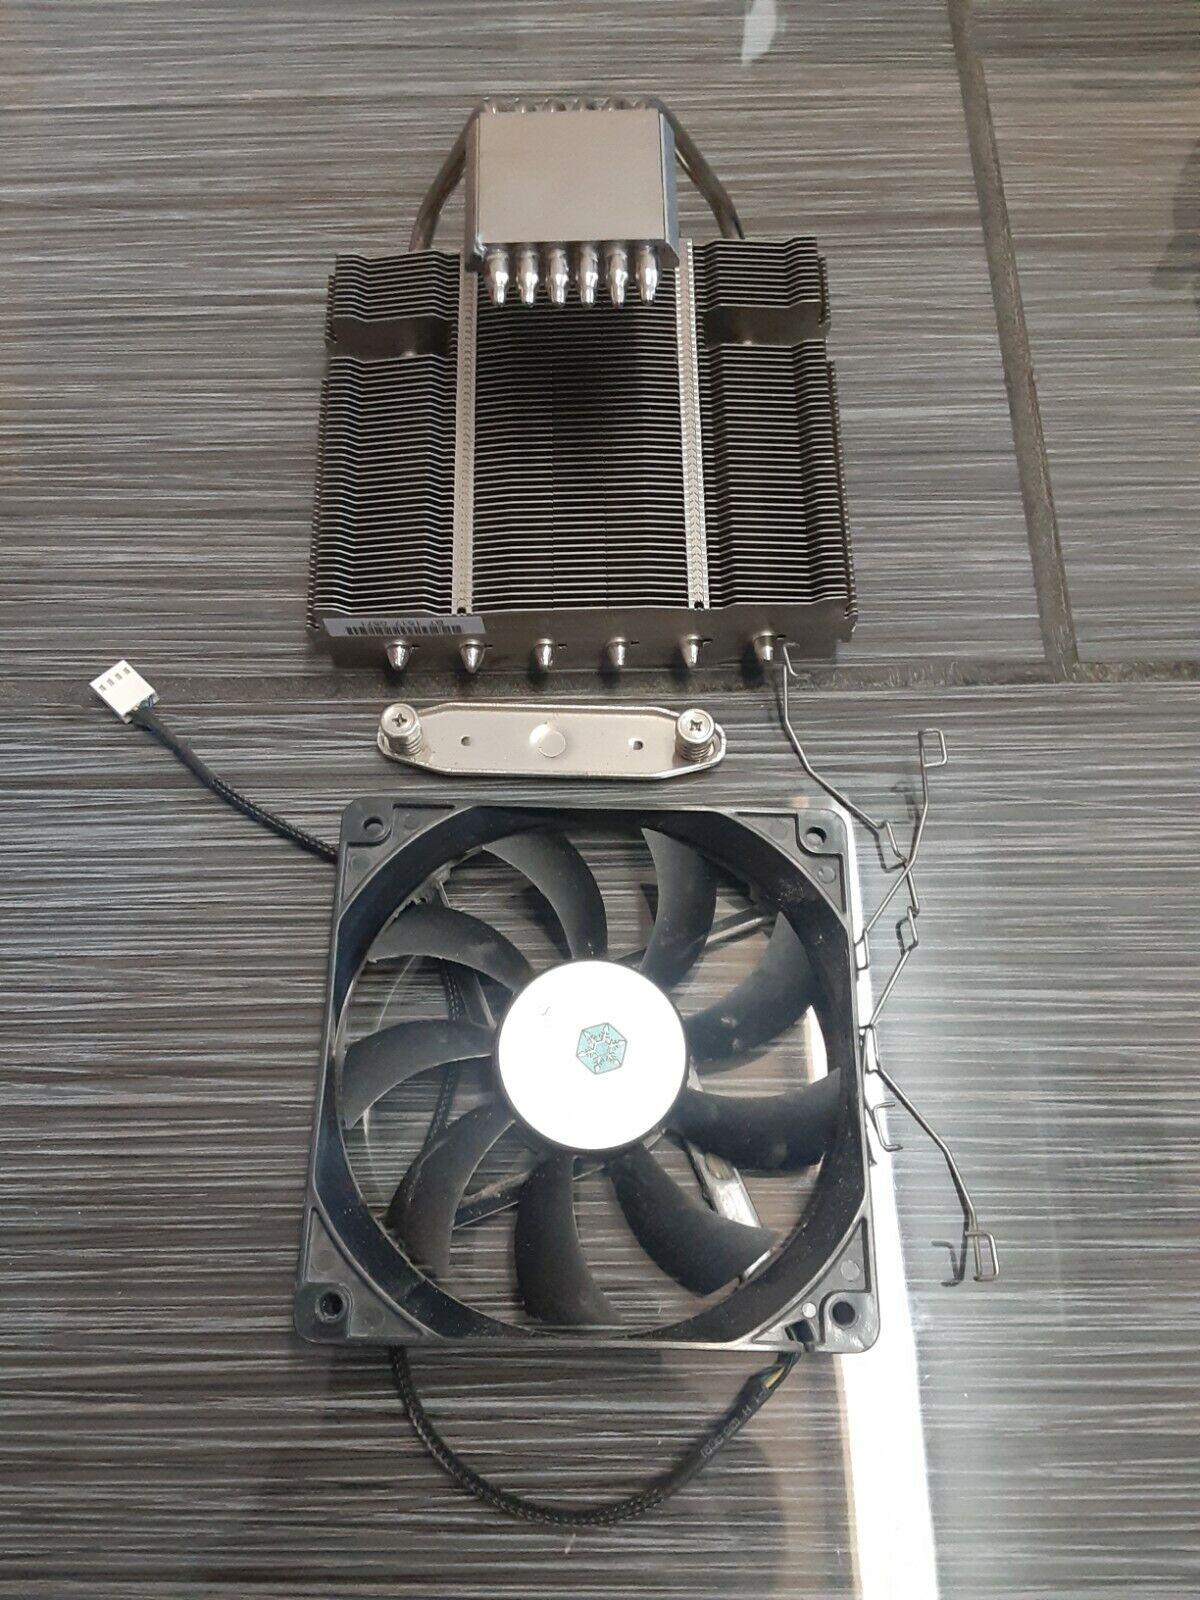 SilverStone Tek Compact 82mm Tall CPU Cooler